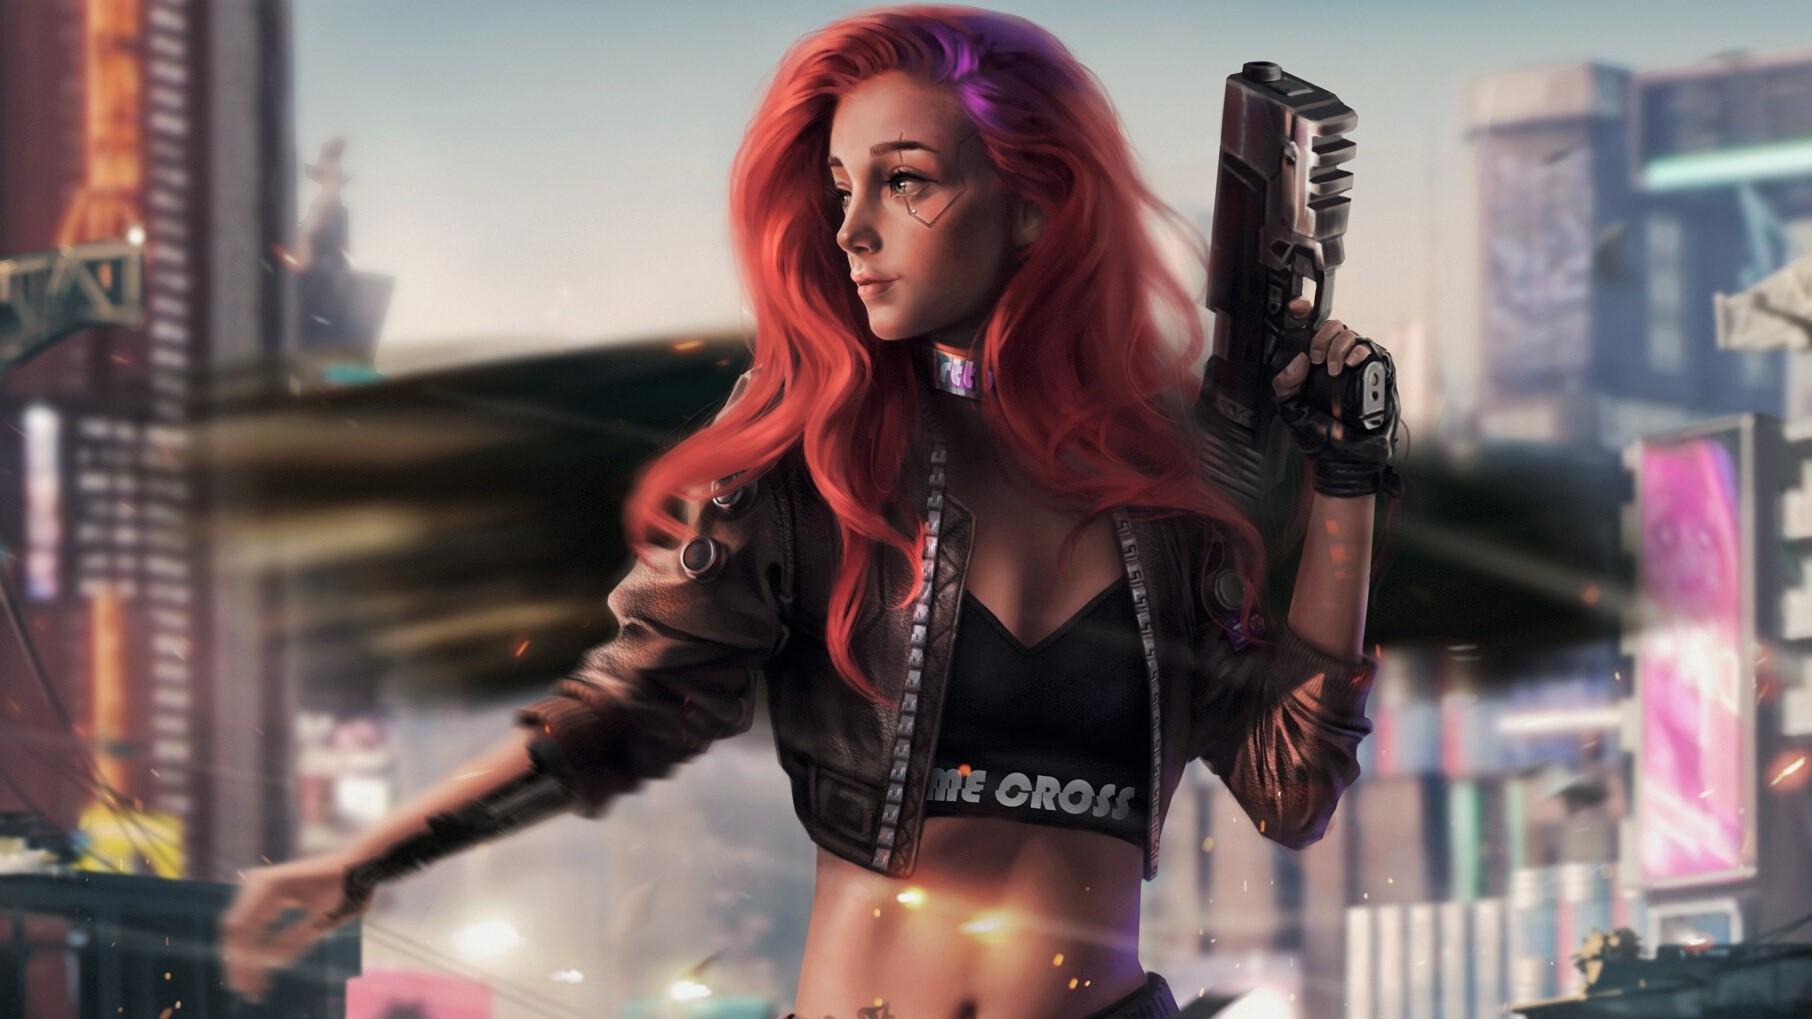 Крупное обновление для Cyberpunk 2077 выйдет 21 декабря. Оно решит многие проблемы игры